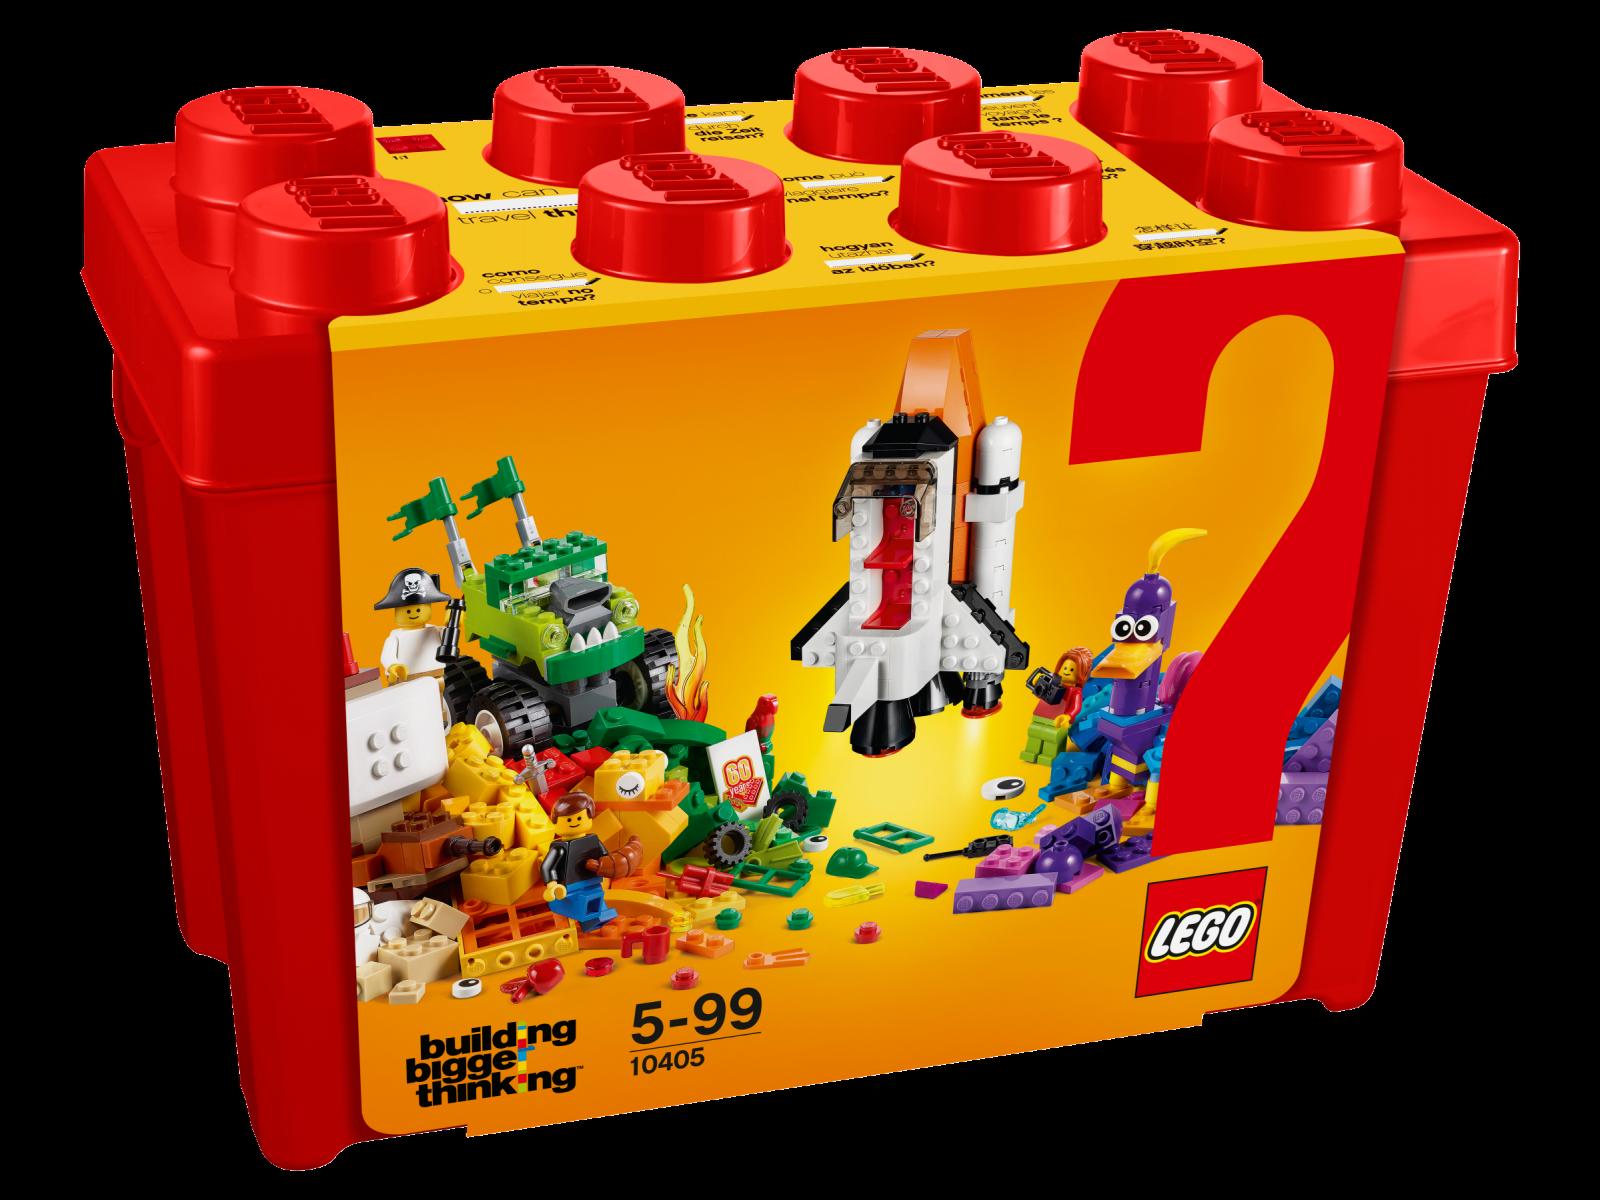 LEGO ® CLASSIC 10405 Mars-Mission Neuf neuf dans sa boîte _ Mission to Mars NEW En parfait état, dans sa boîte scellée Boîte d'origine jamais ouverte